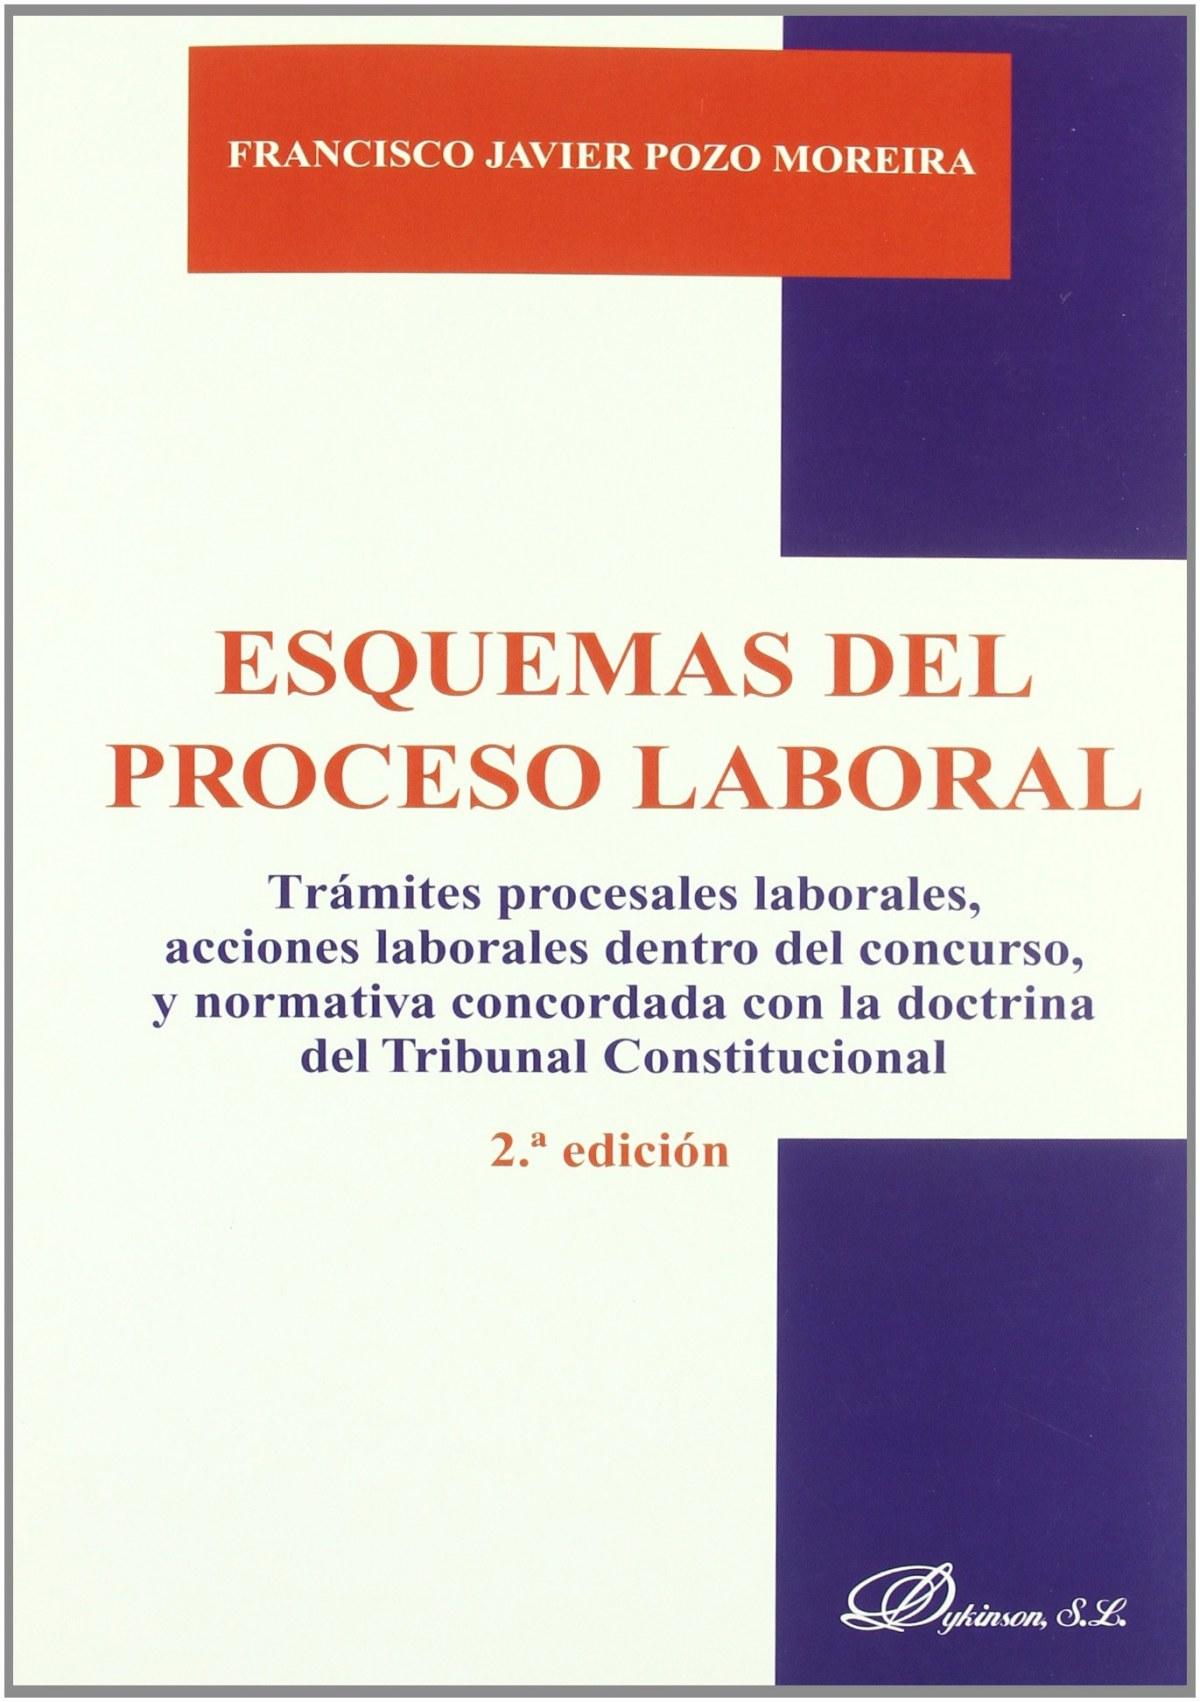 ESQUEMAS PROCESO LABORAL